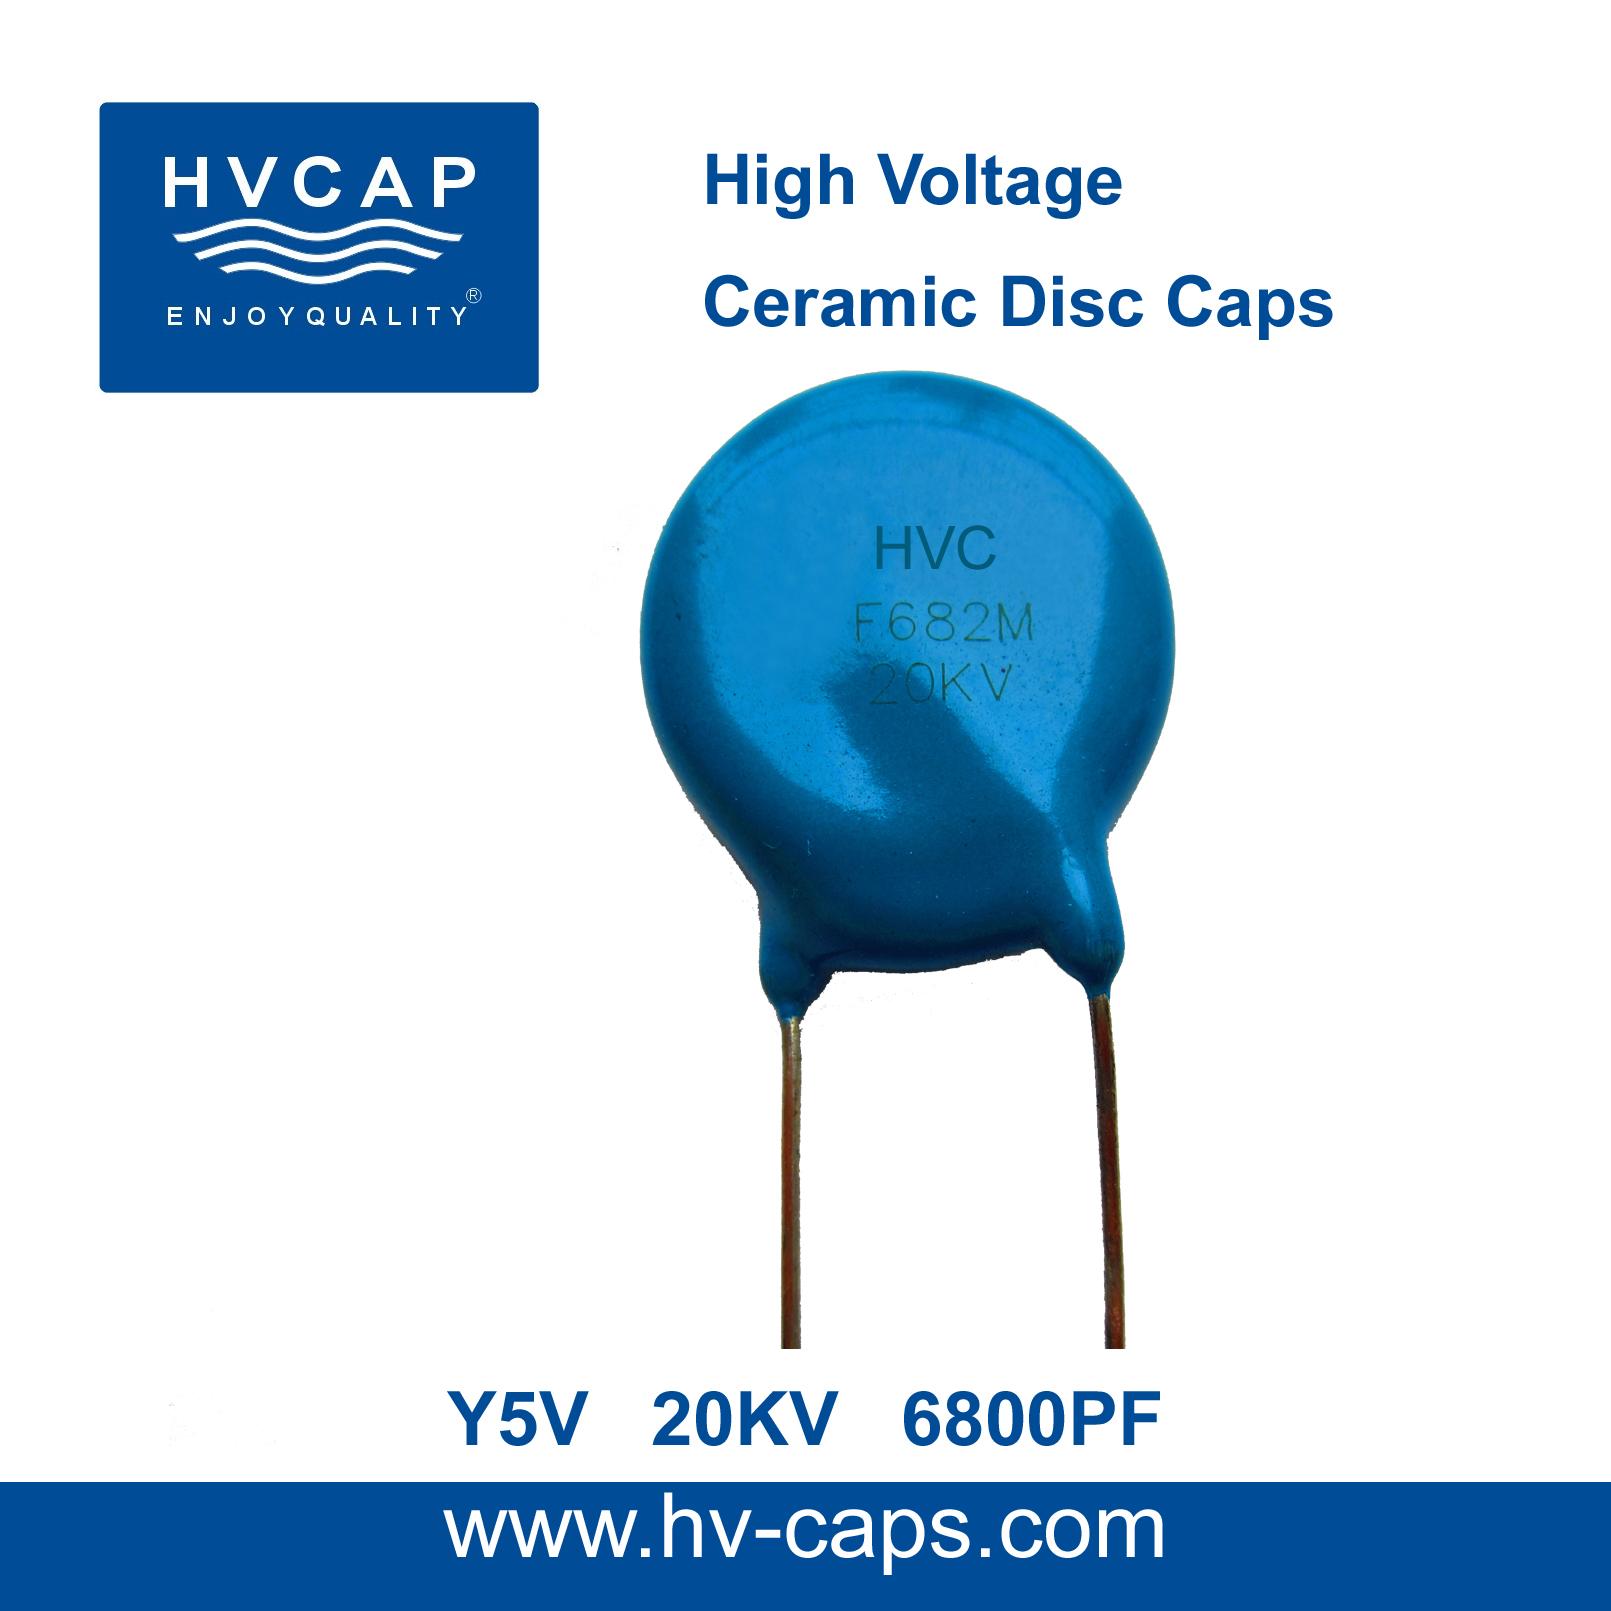 উচ্চ ভোল্টেজ সিরামিক ডিস্ক ক্যাপাসিটর 20KV 6800PF (20KV 682M)